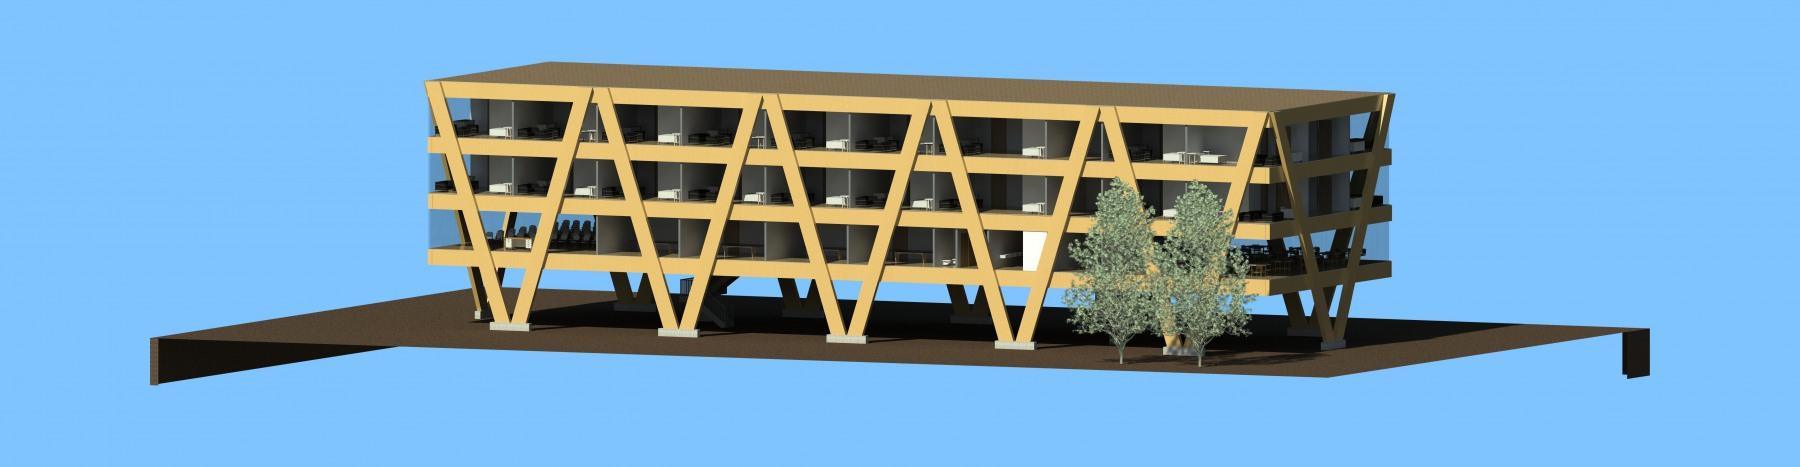 Multifunctional Building Render